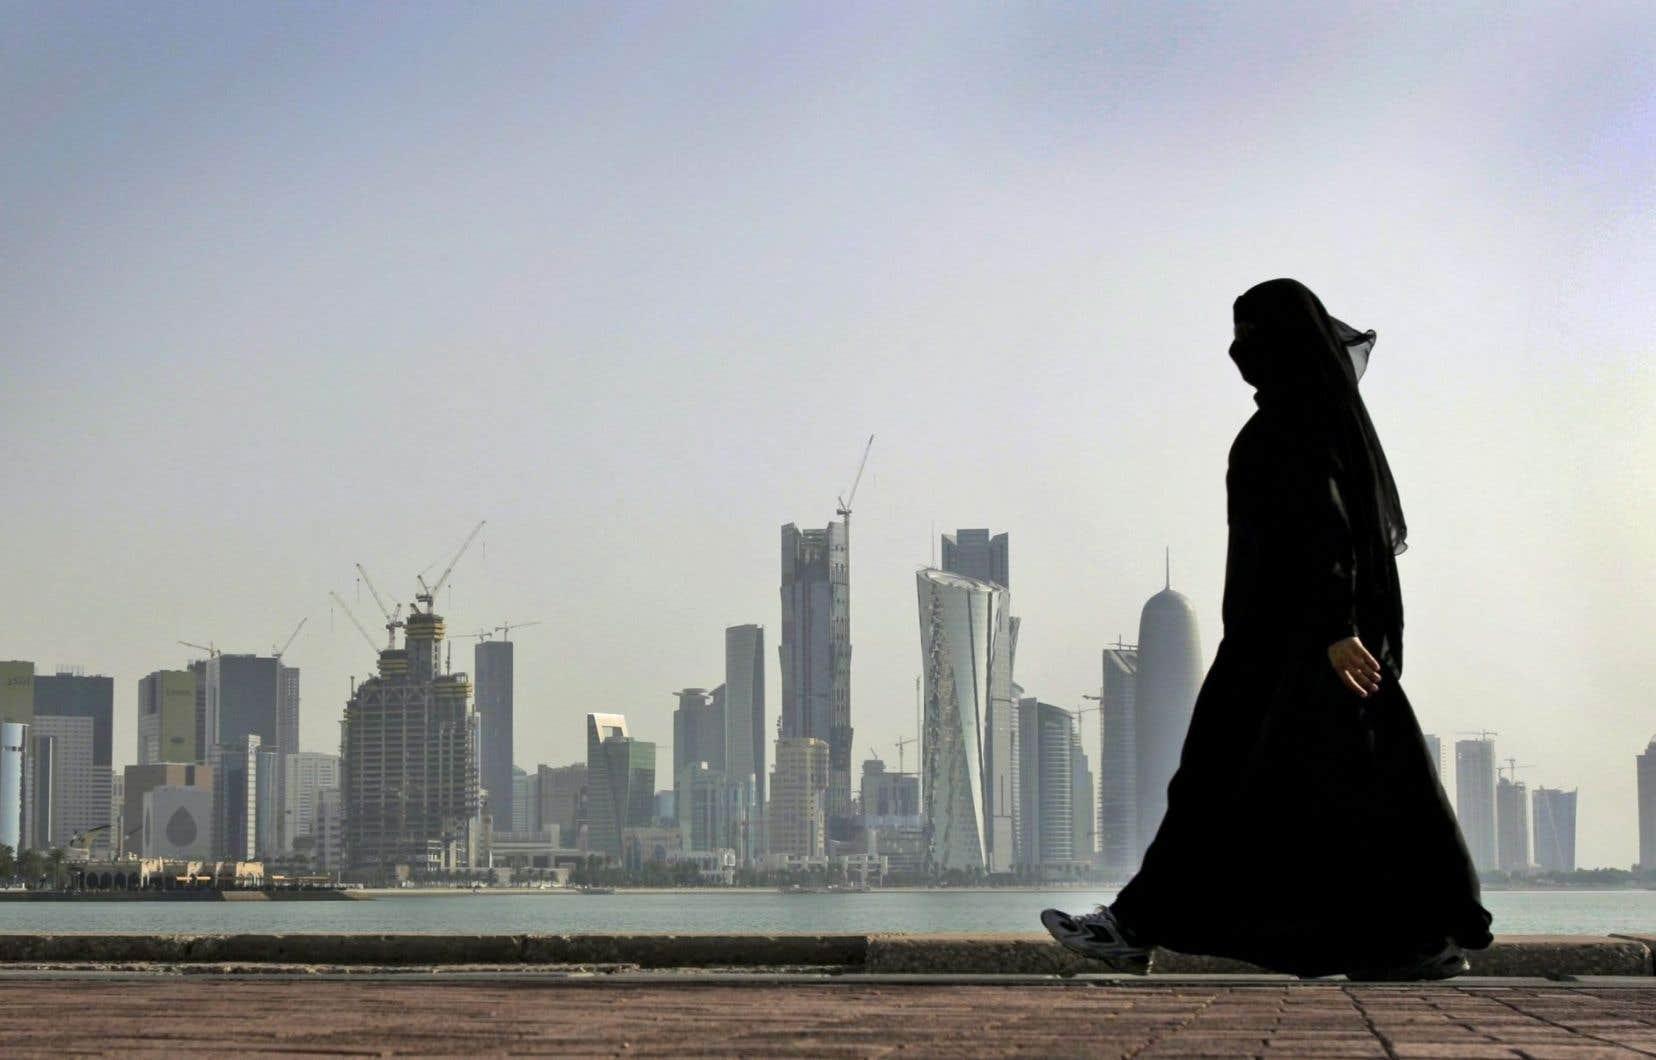 La ville de Dohase profile à l'horizon, derrière une femme qatarienne.